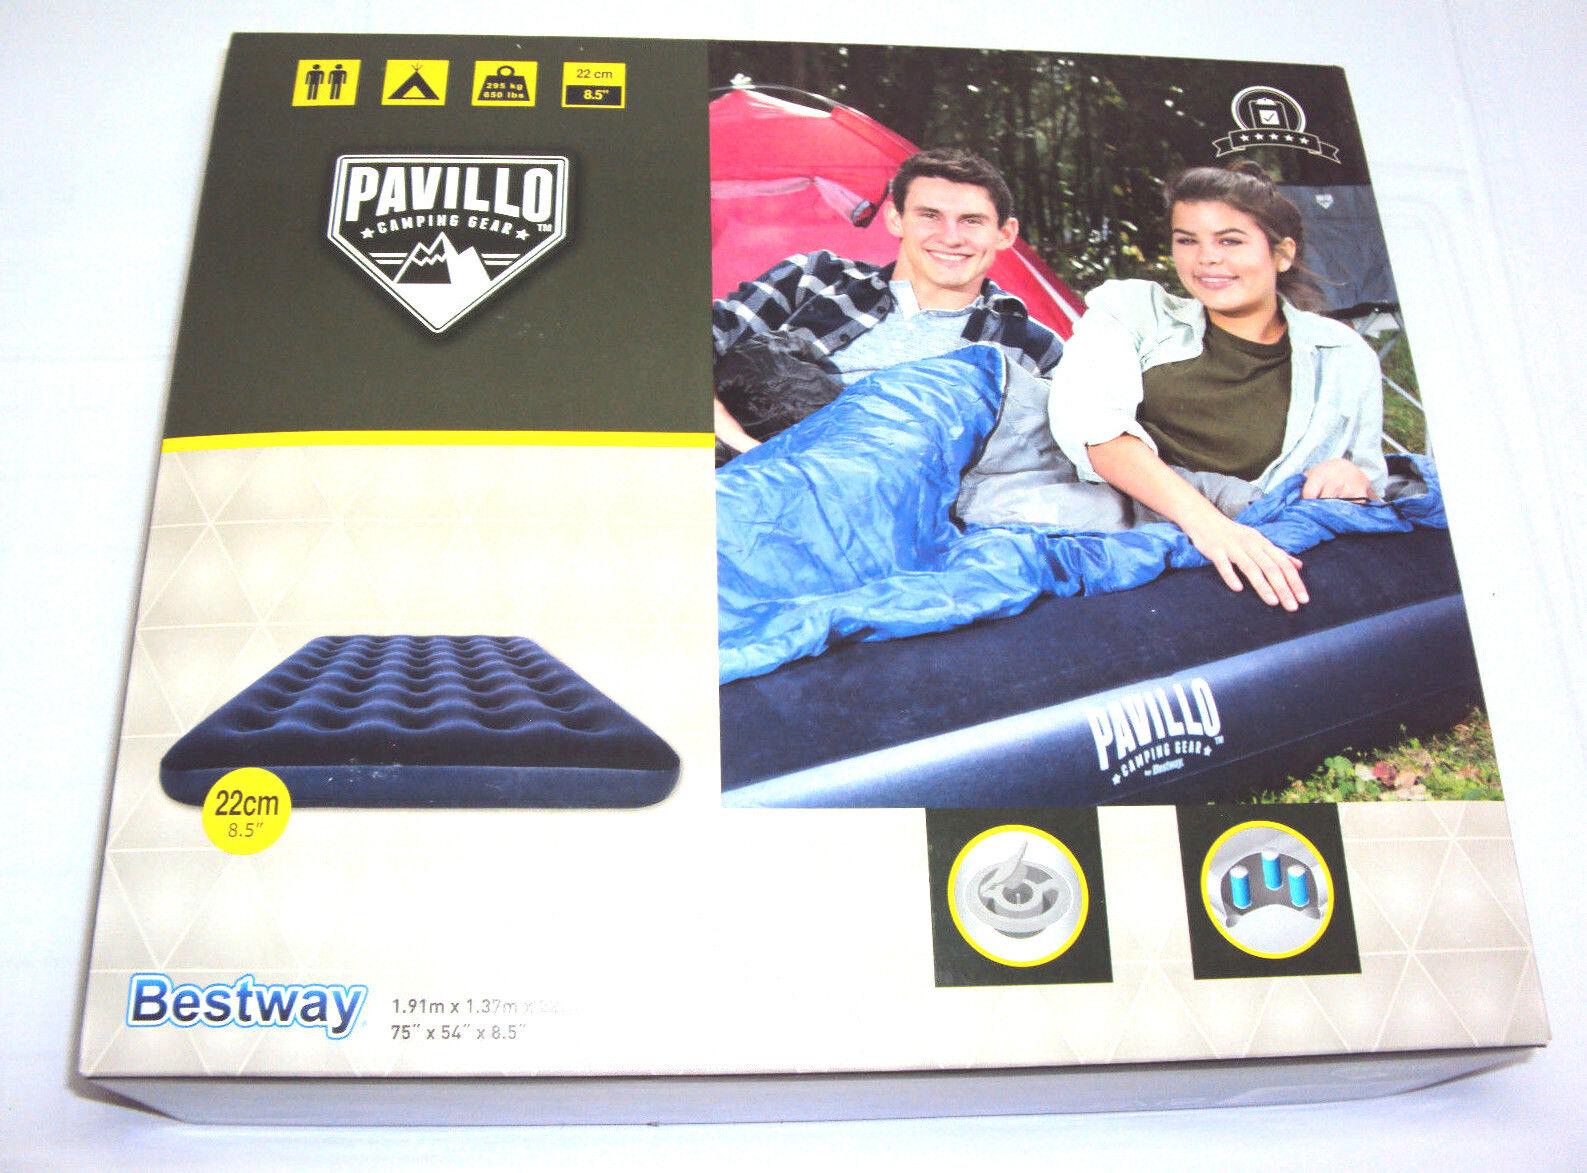 Bestway Pavillo Luftbett Full Size 2 Personen  Luftmatratze, 191 x 137x 22cm